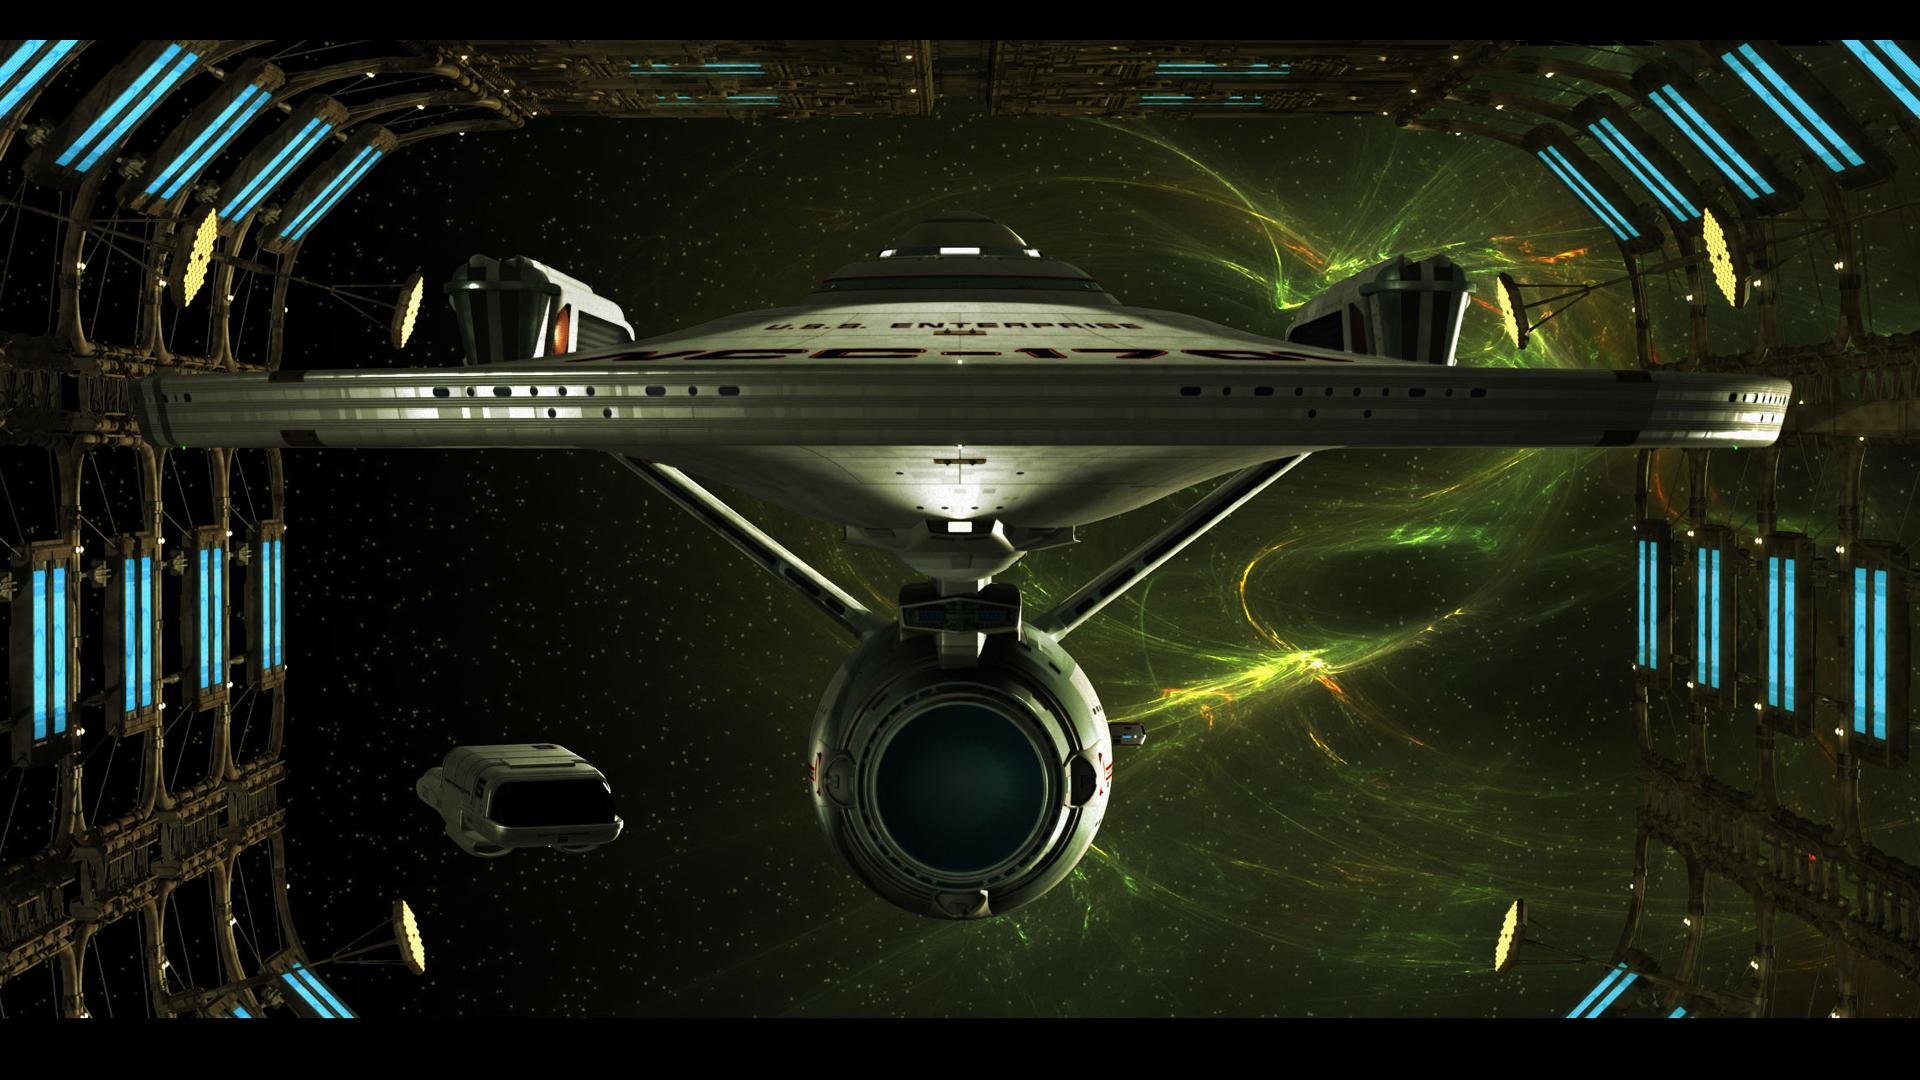 4K Sci Fi Wallpaper